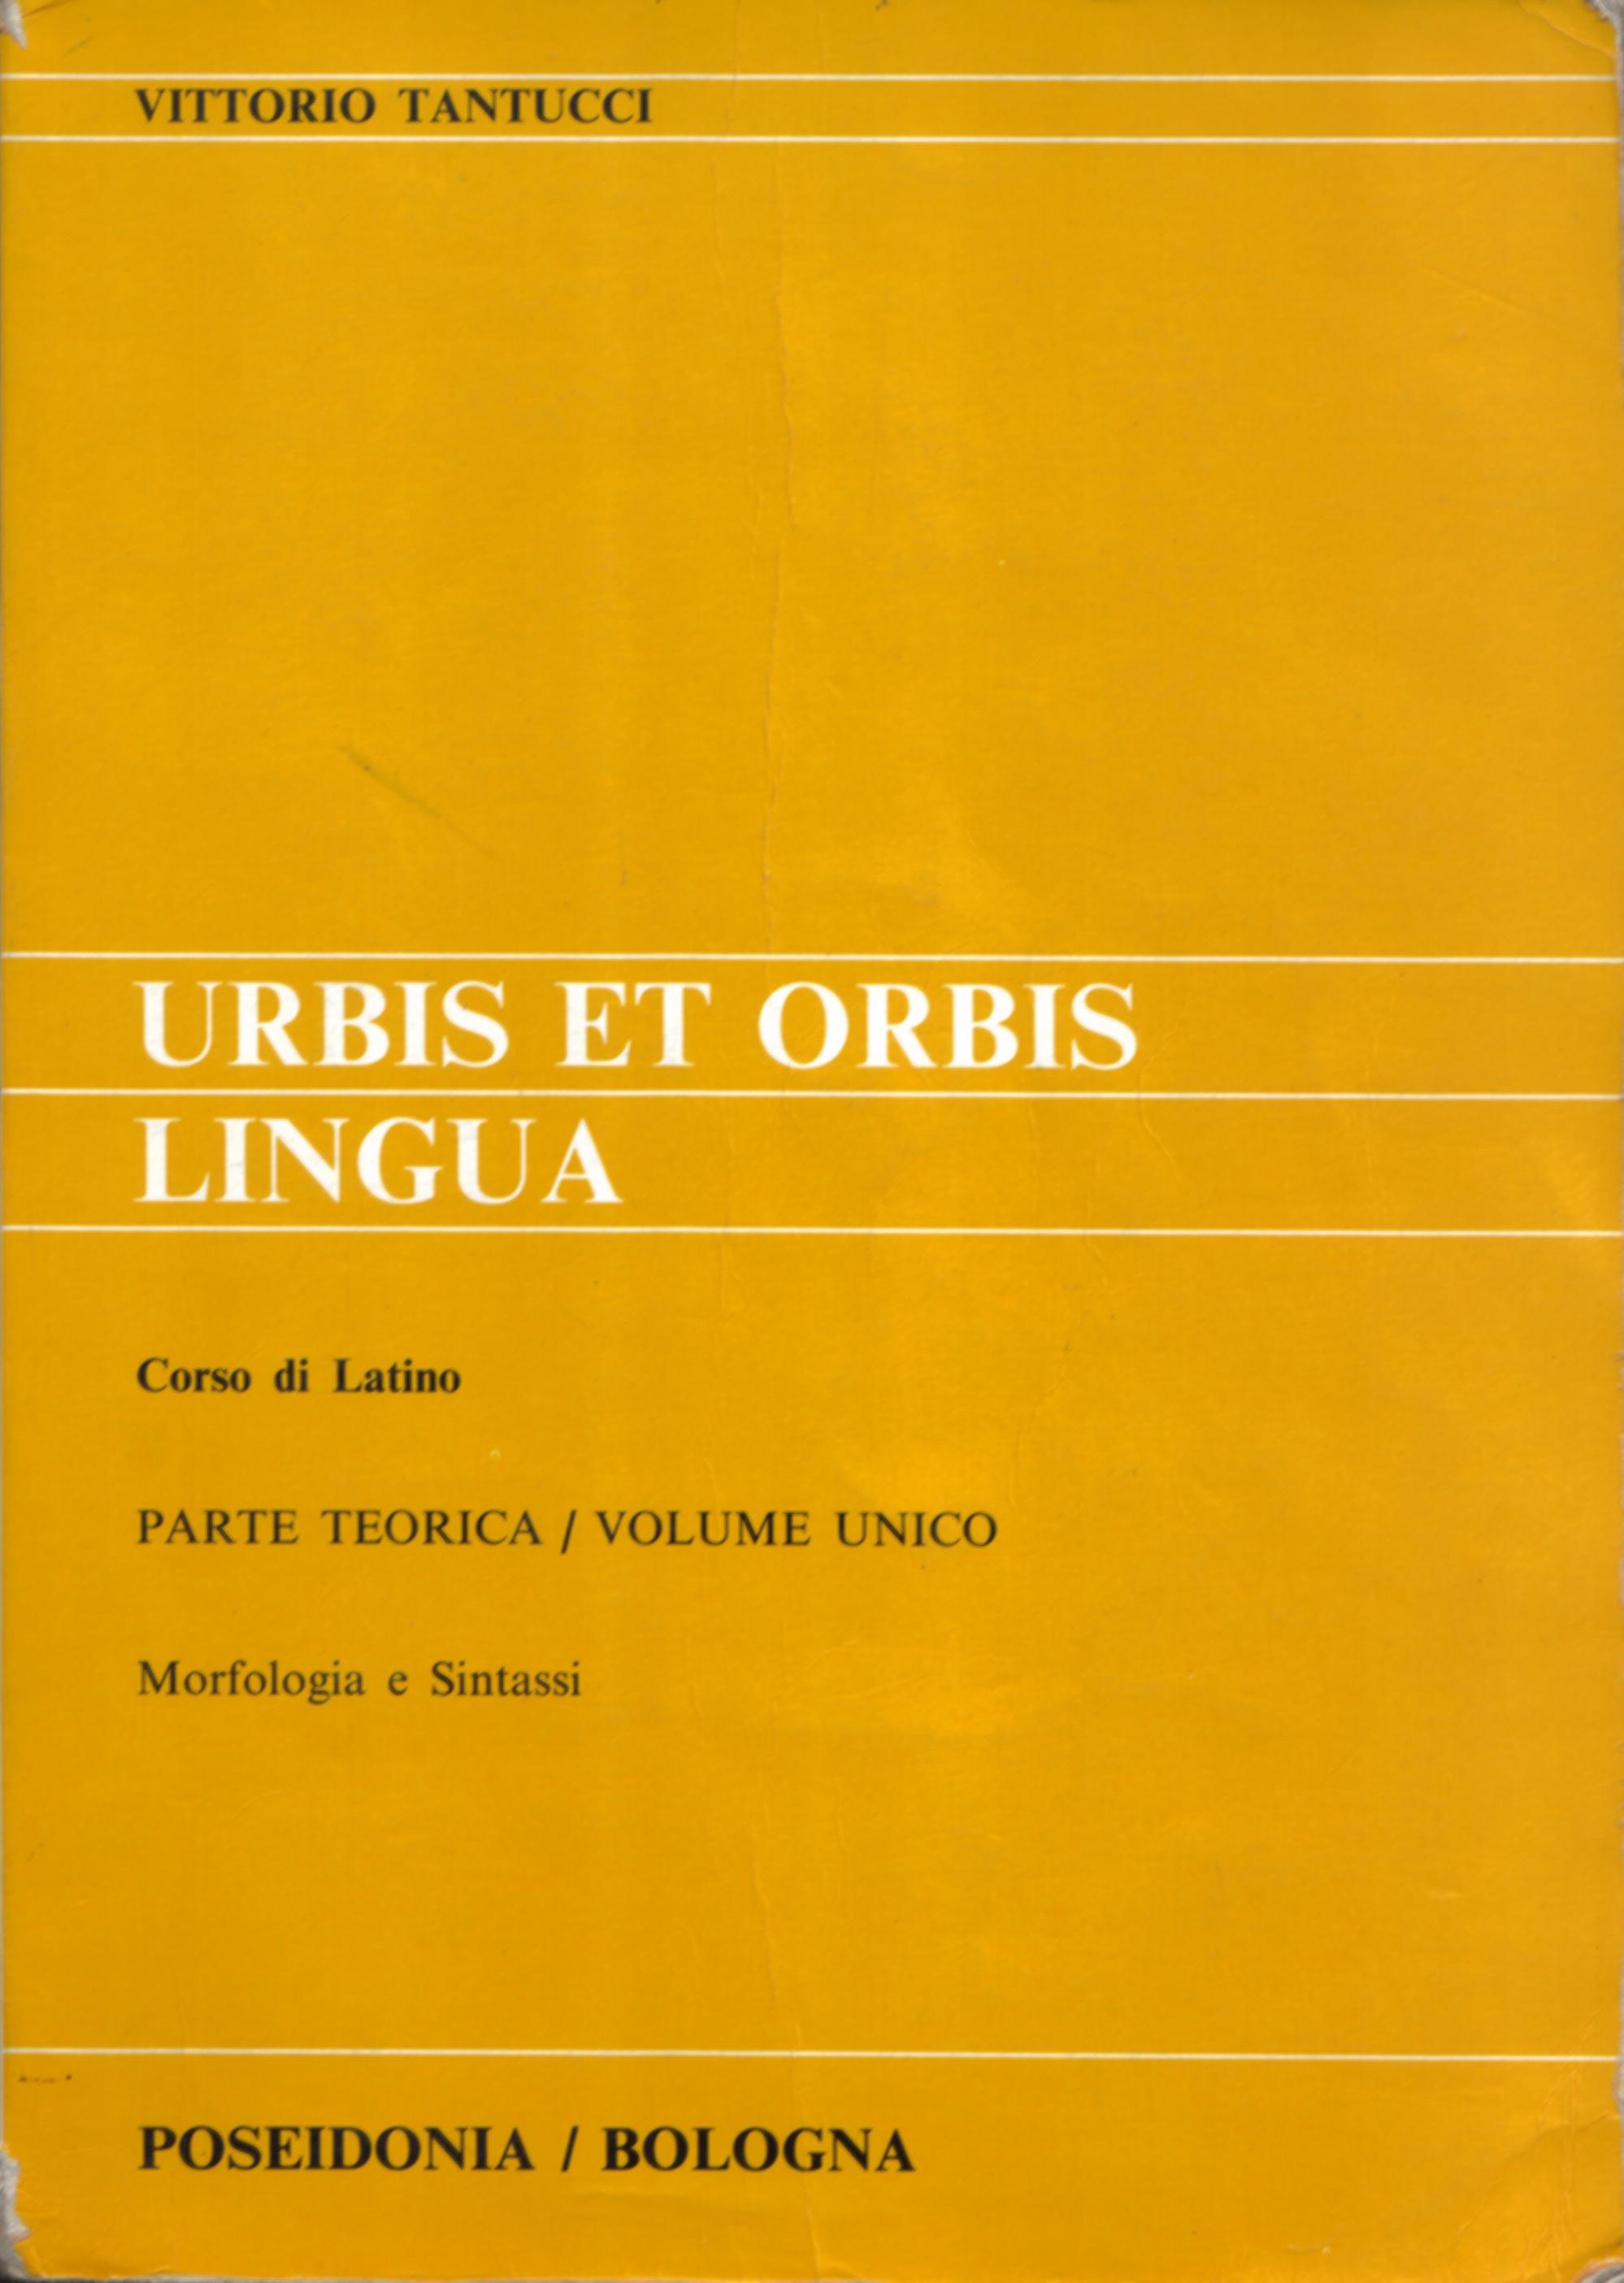 Urbis et orbis lingua. Parte teorica